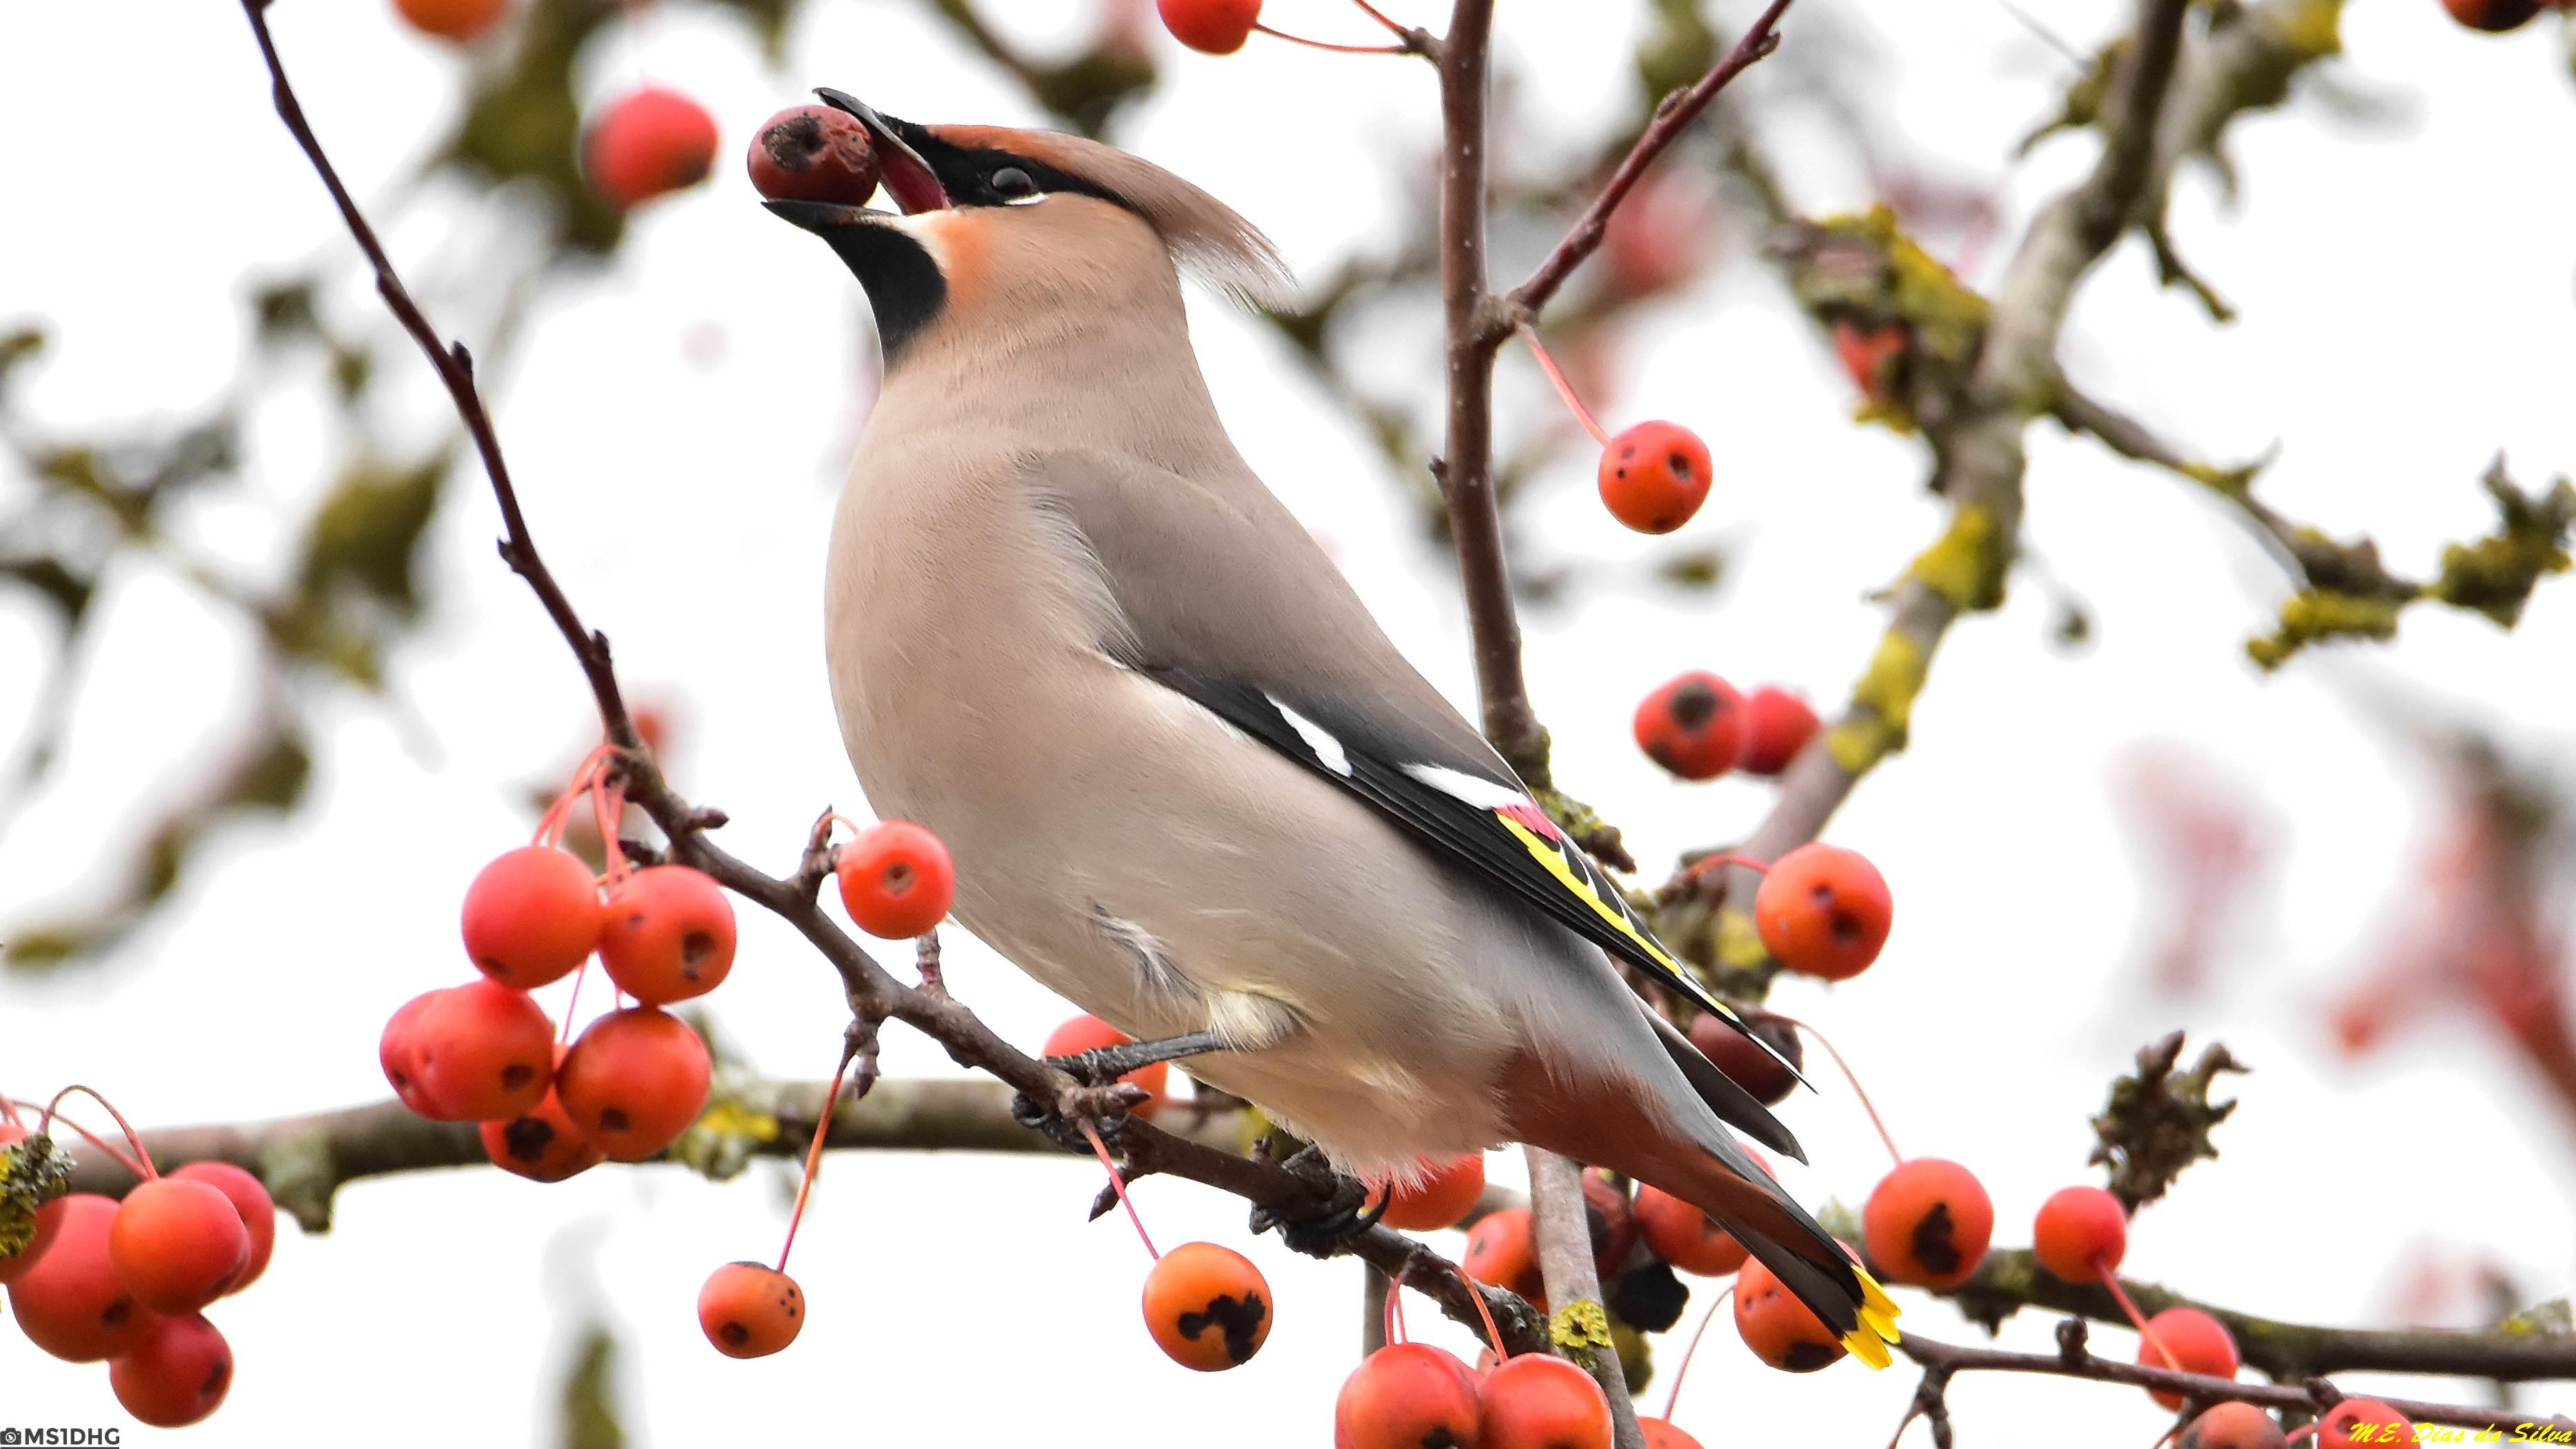 Fórum Aves - Birdwatching em Portugal - Portal Tagarela%20europeia%20(11)